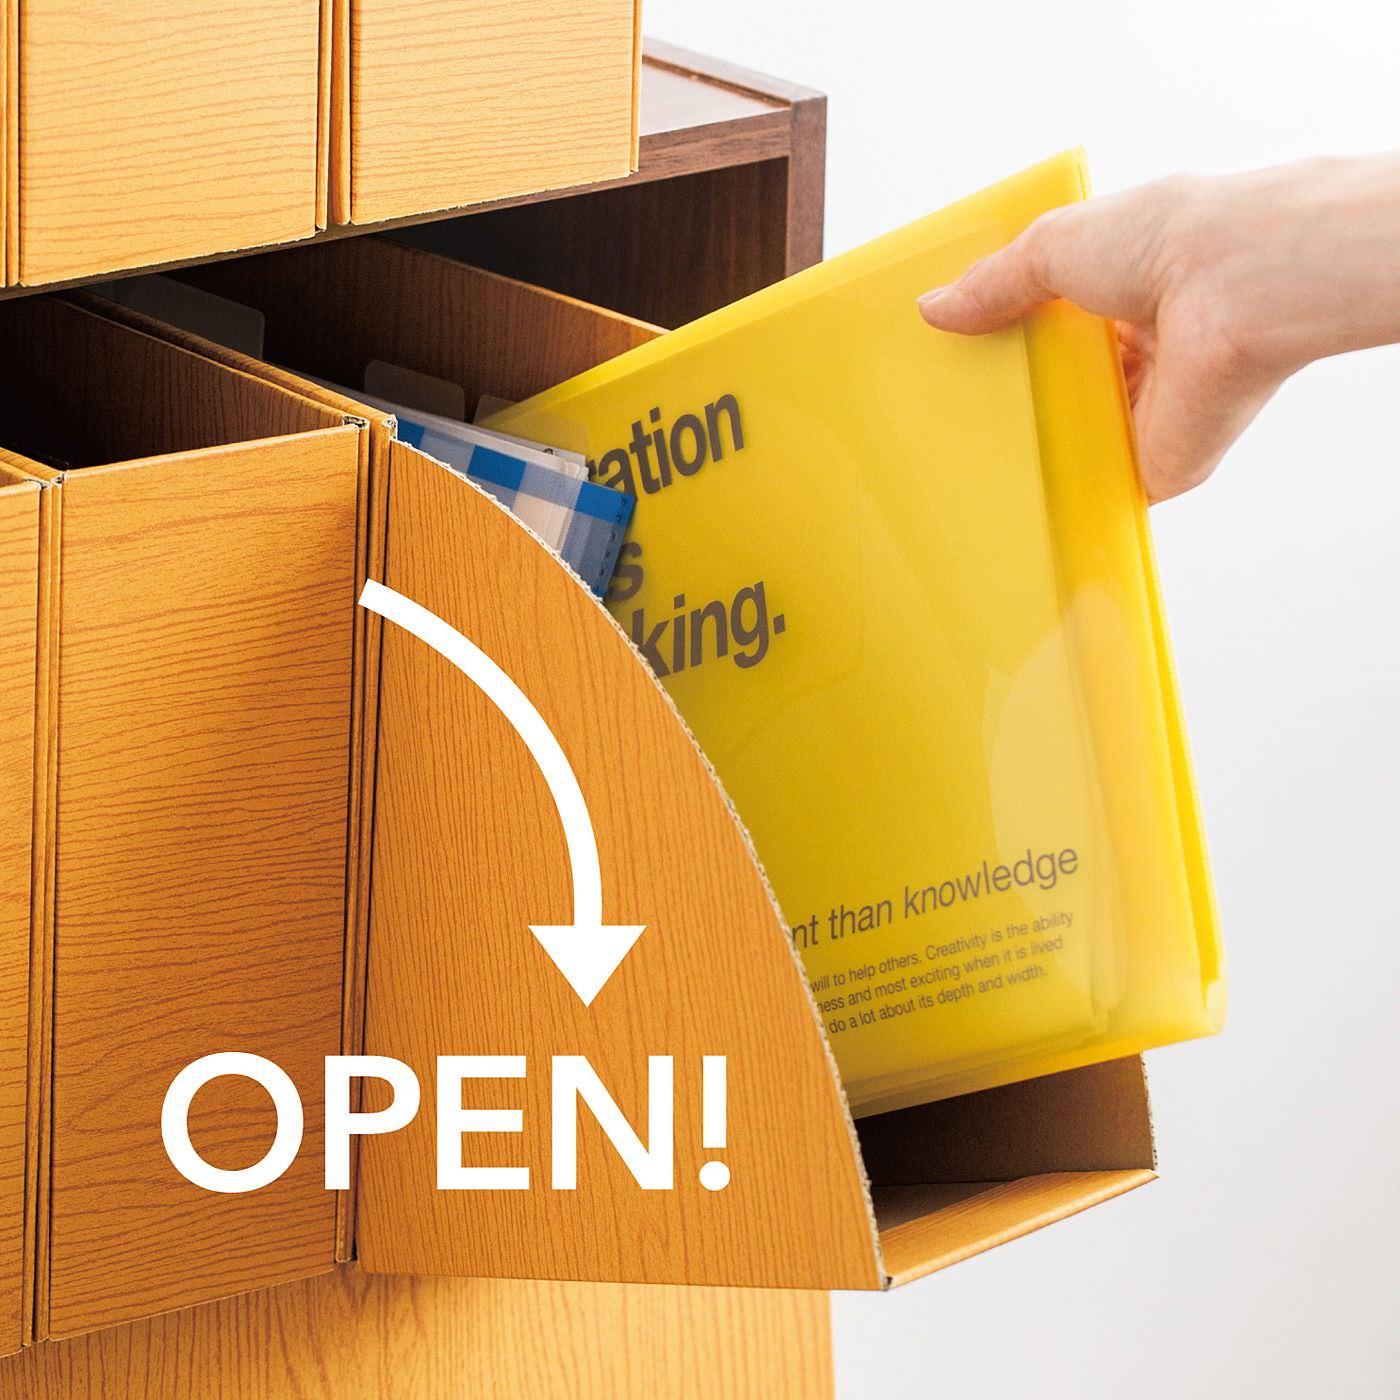 これは参考画像です。前面が開くから、ボックスを棚から取り出すことなく中のものを取り出せます。